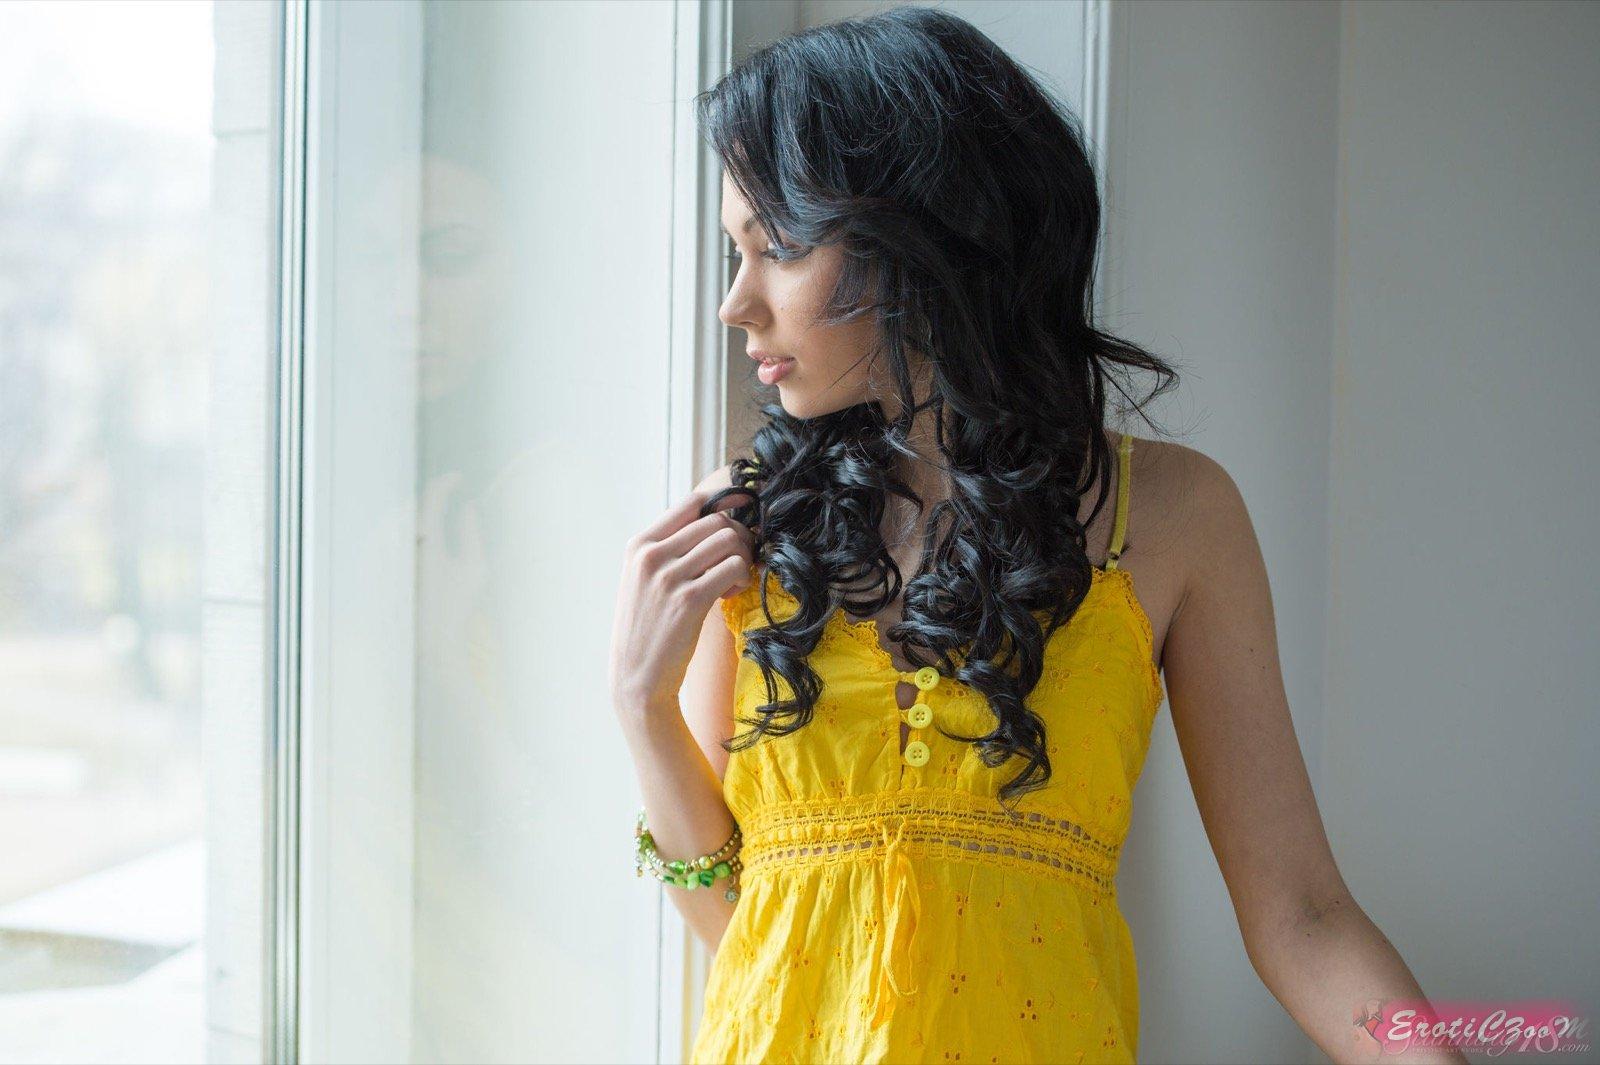 Волосатая киска раздетой брюнетки (16 фото эротики)